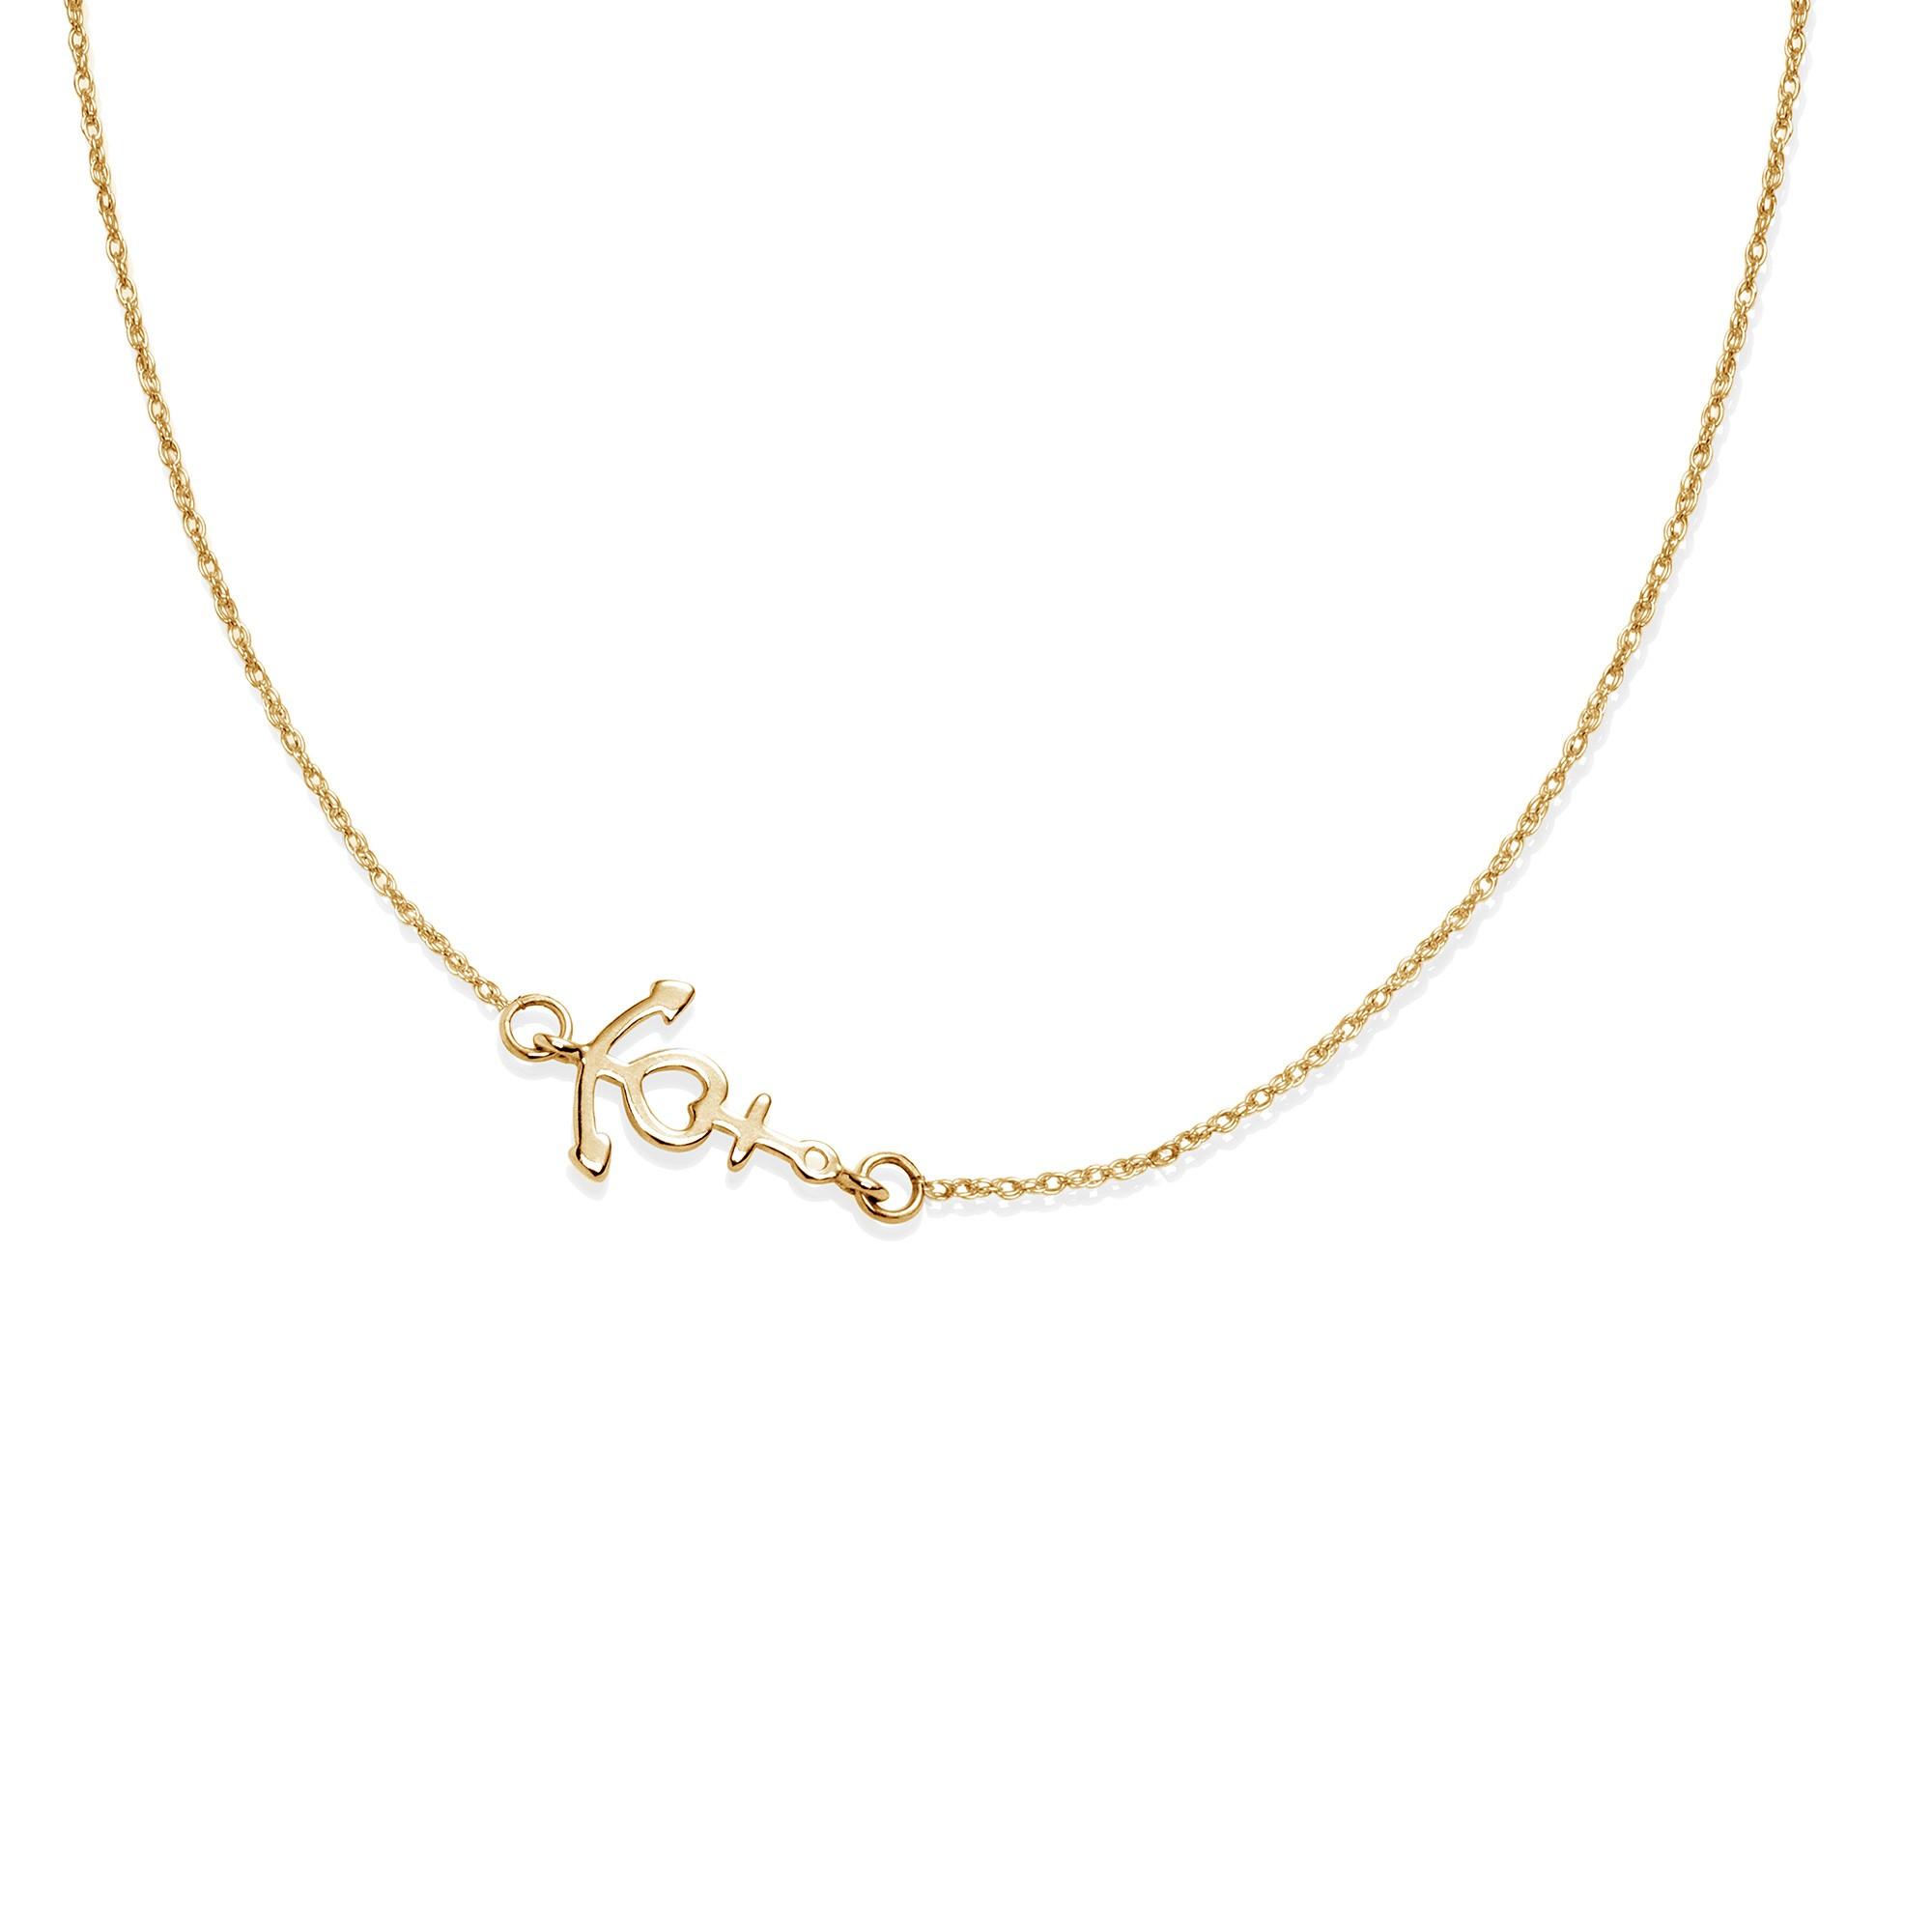 Collier chaîne avec une ancre plaquée or